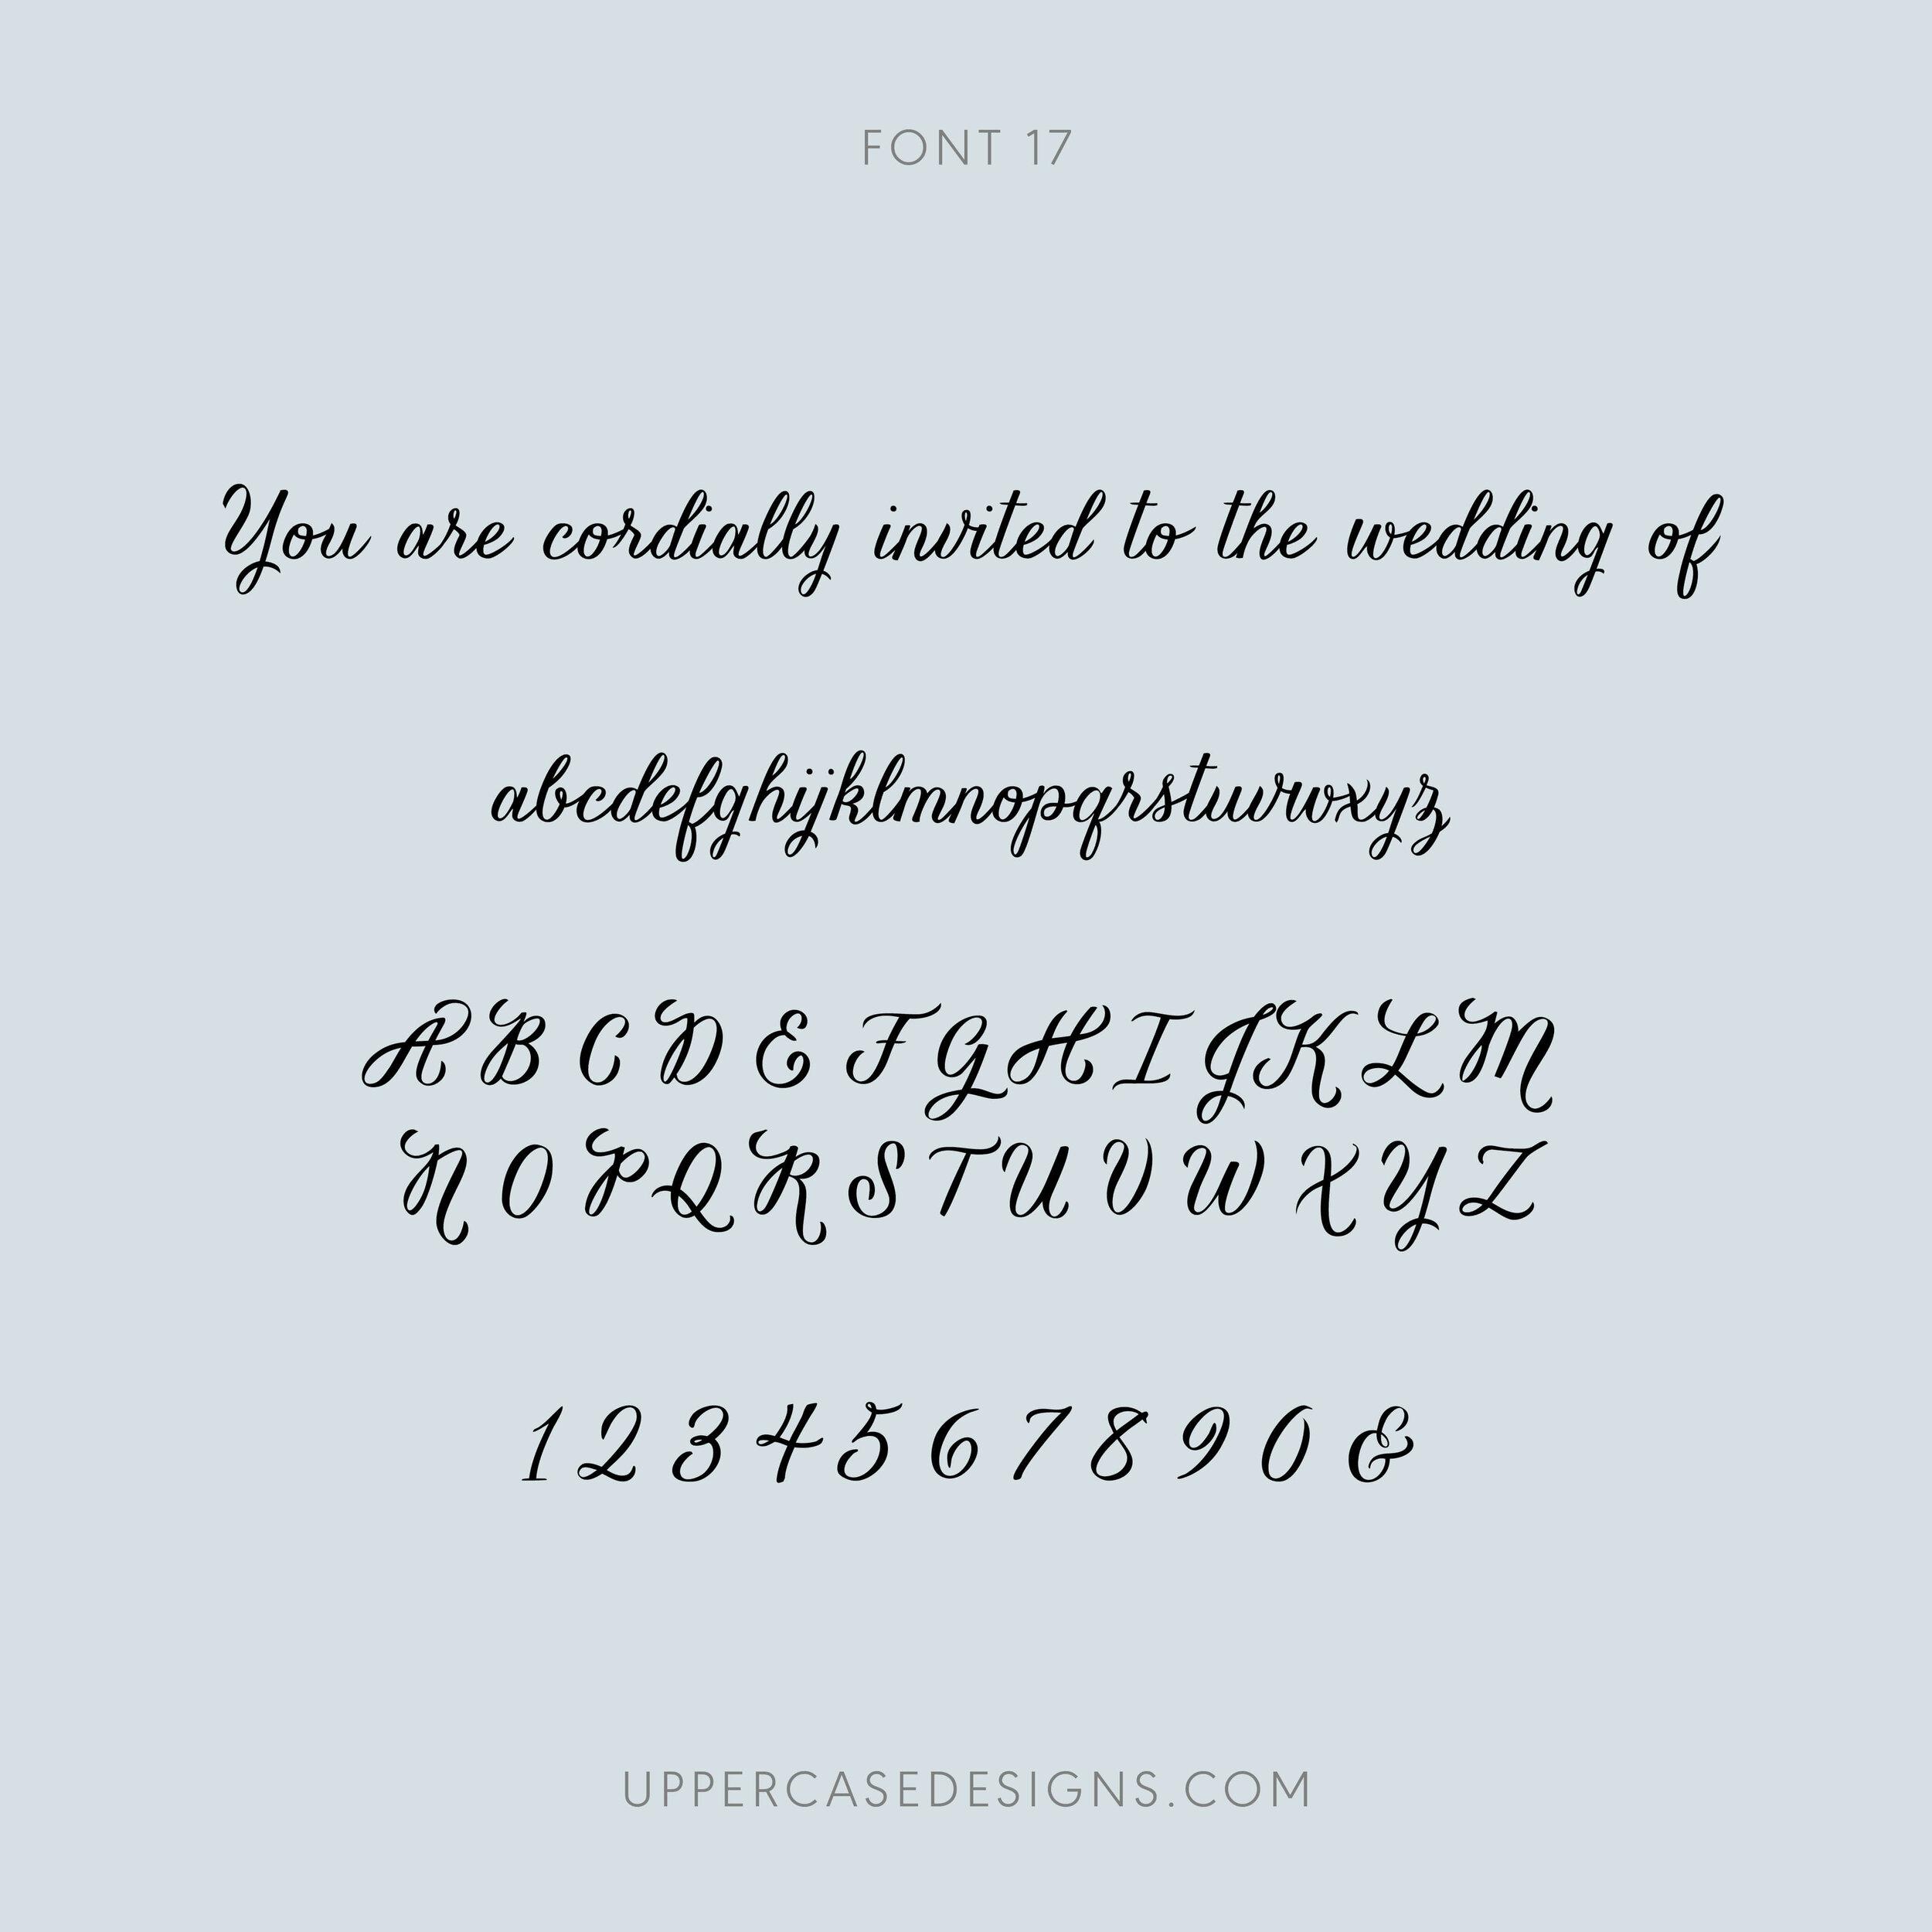 UppercaseDesigns-Fonts-202017.jpg